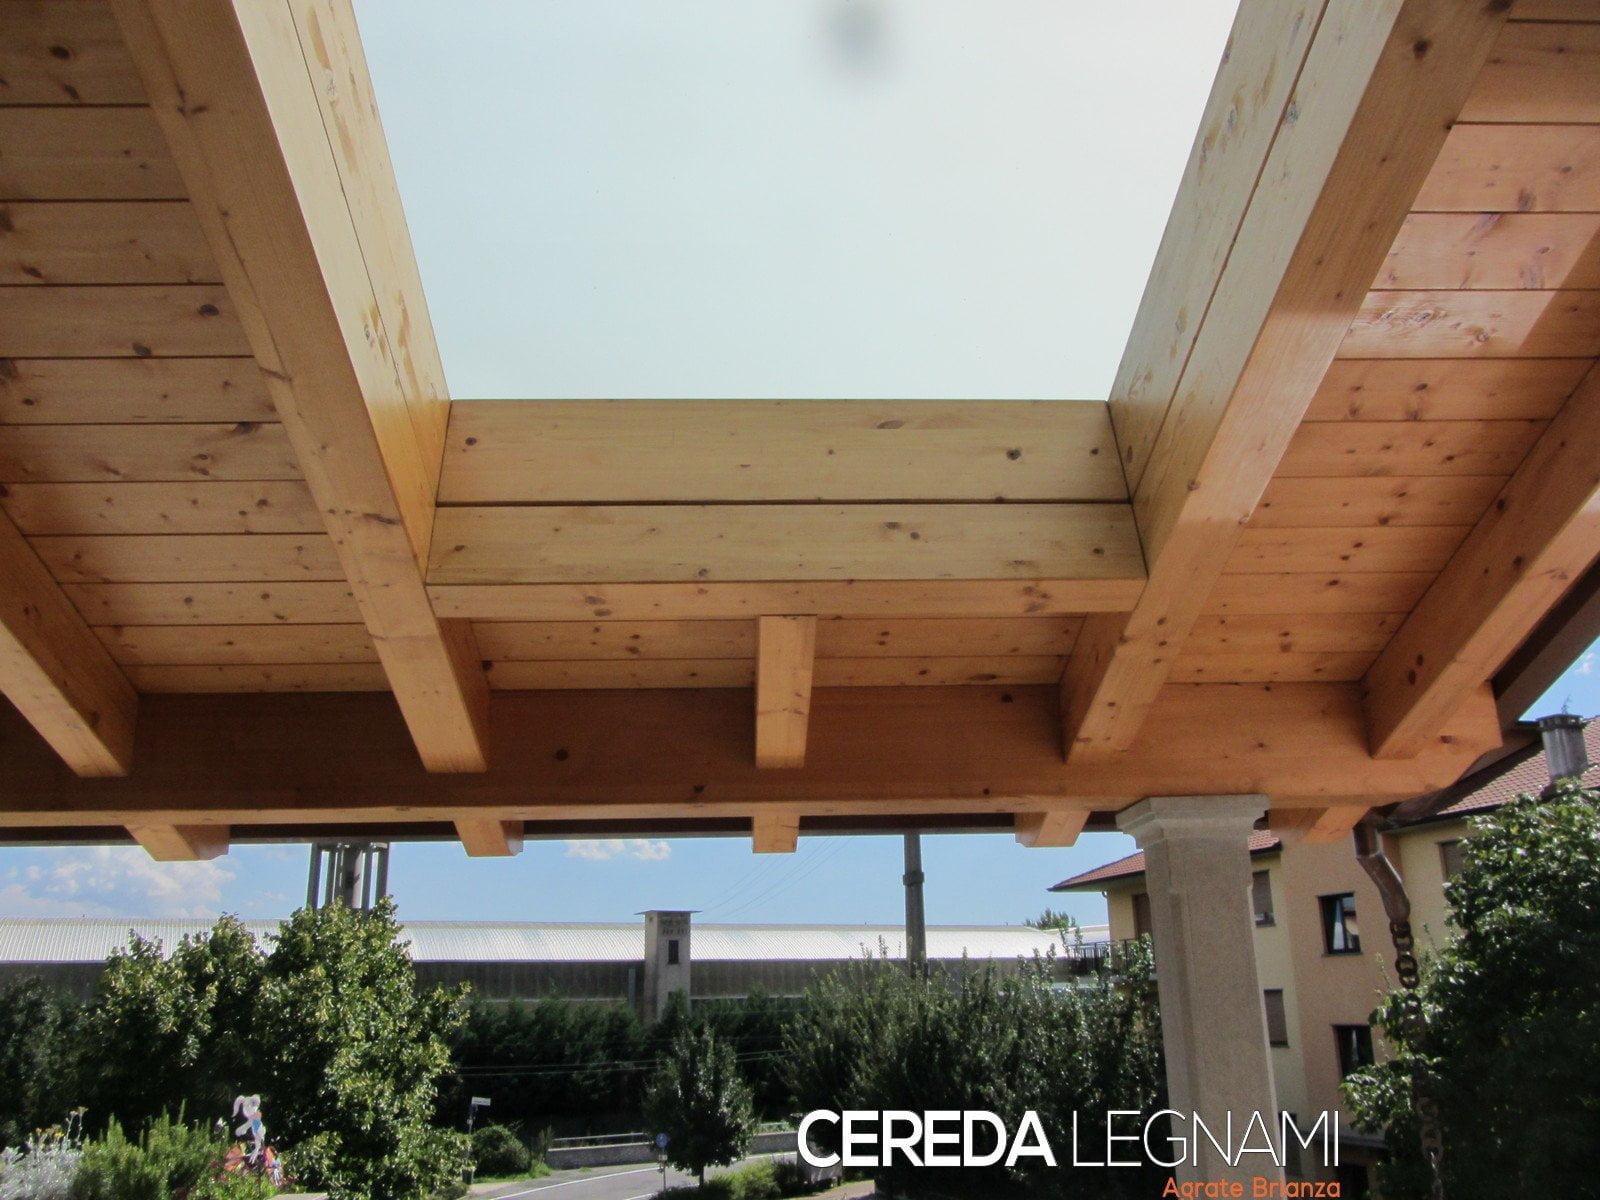 Tettoia per giardino e terrazzo cereda legnami agrate - Tettoia per giardino ...